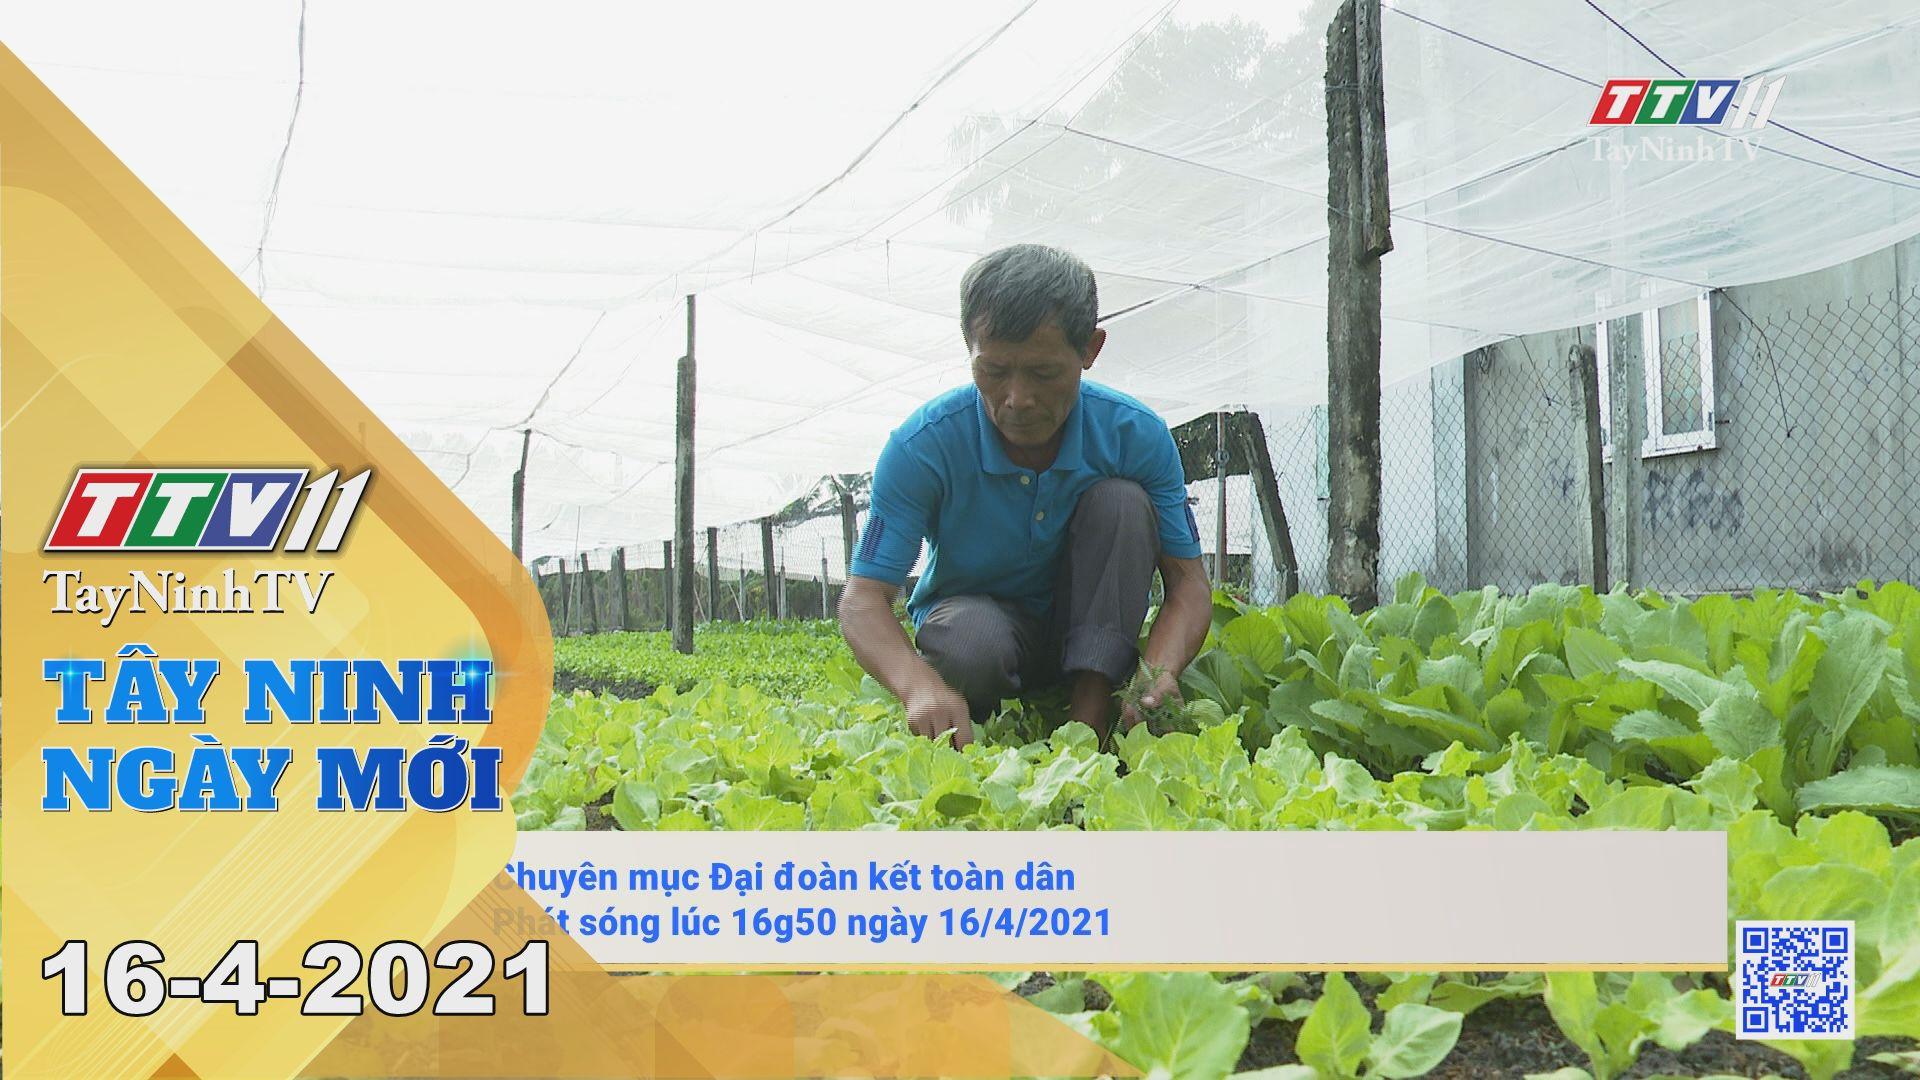 Tây Ninh Ngày Mới 16-4-2021 | Tin tức hôm nay | TayNinhTV